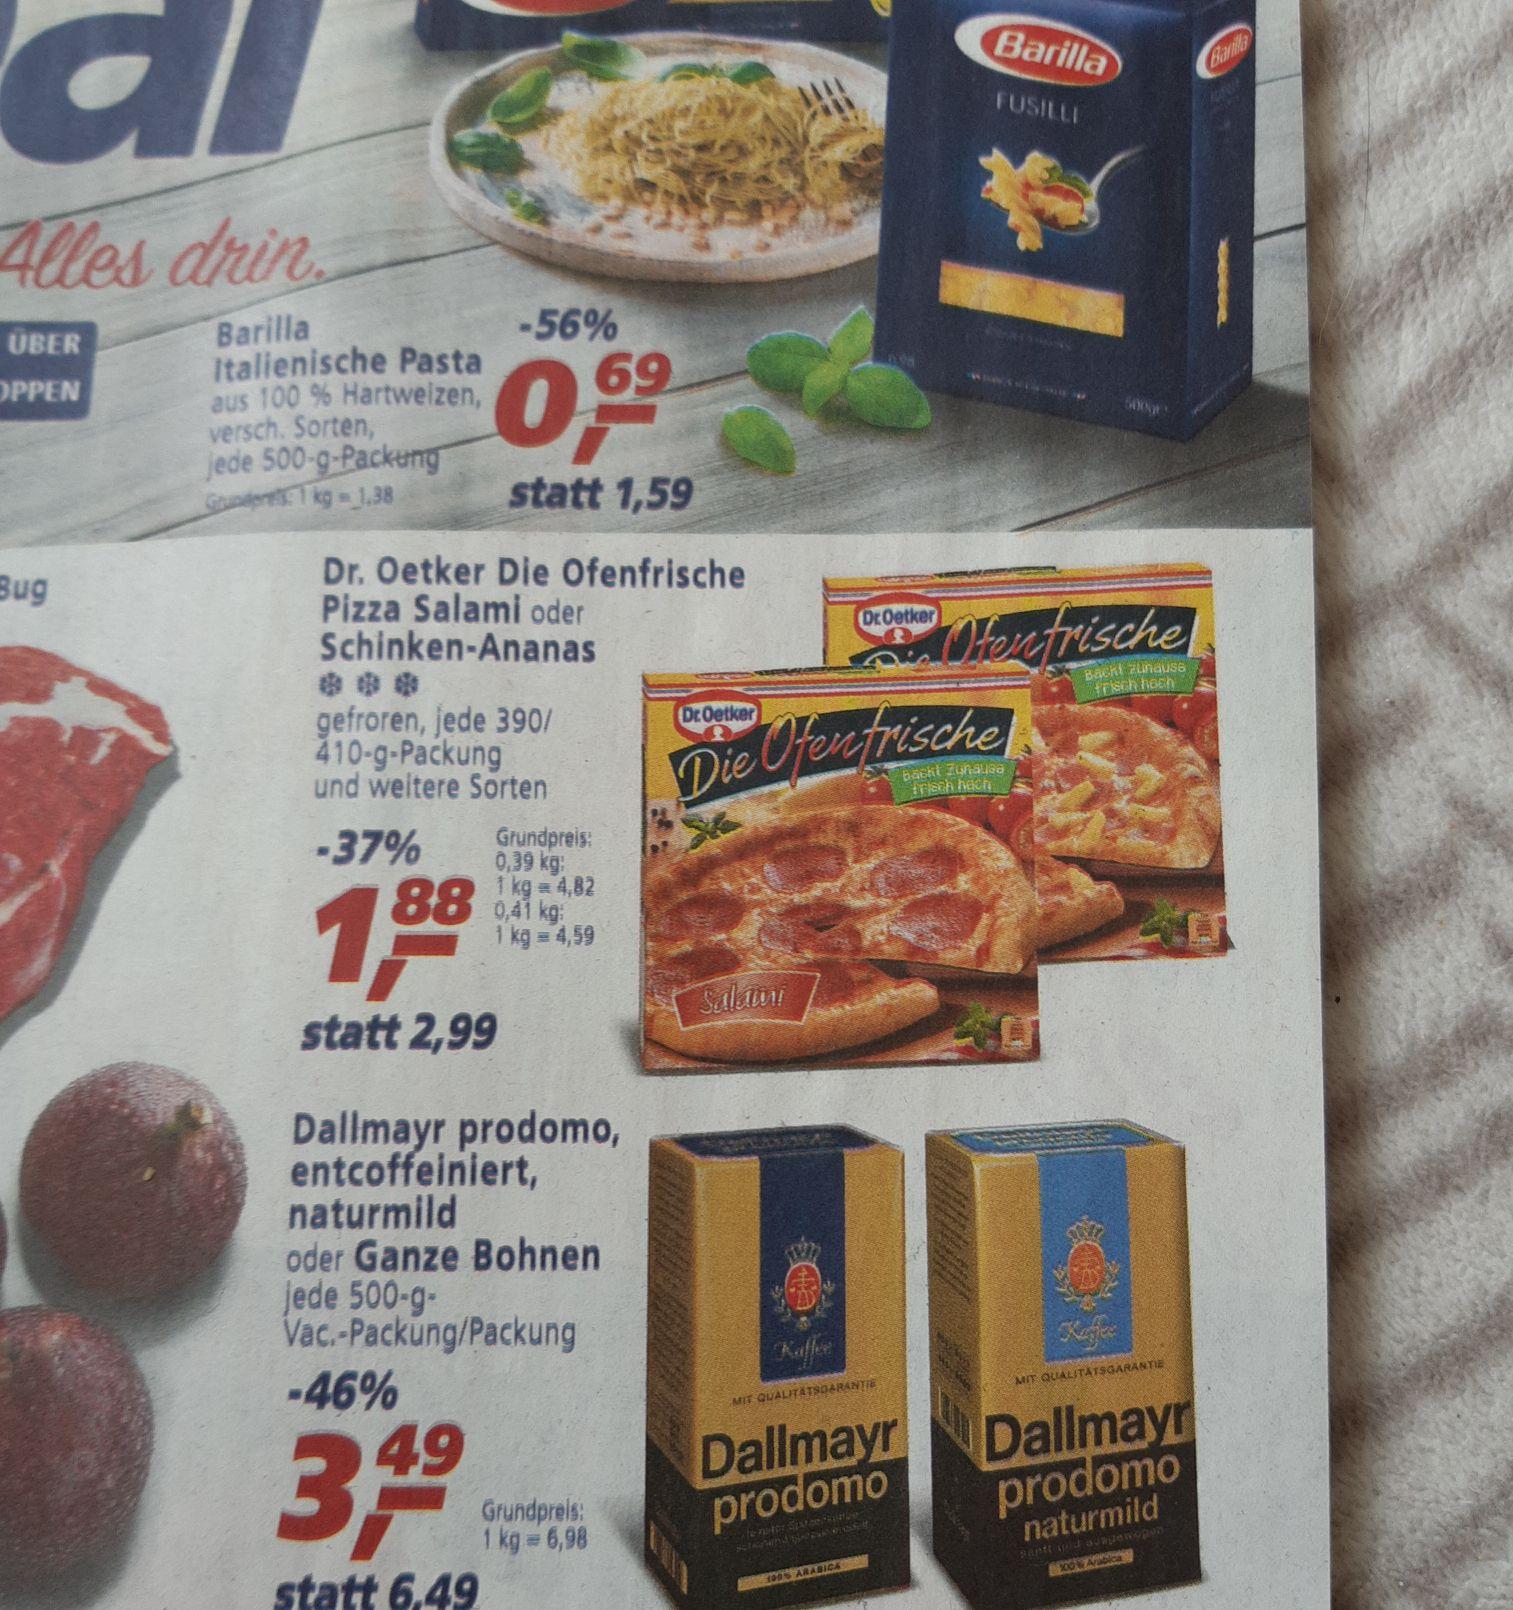 [Real ab 16.09] Dr.Oetker-Die Ofenfrische Pizza in verschiedenen Sorten. 390g bis 415g für je 1,88, -